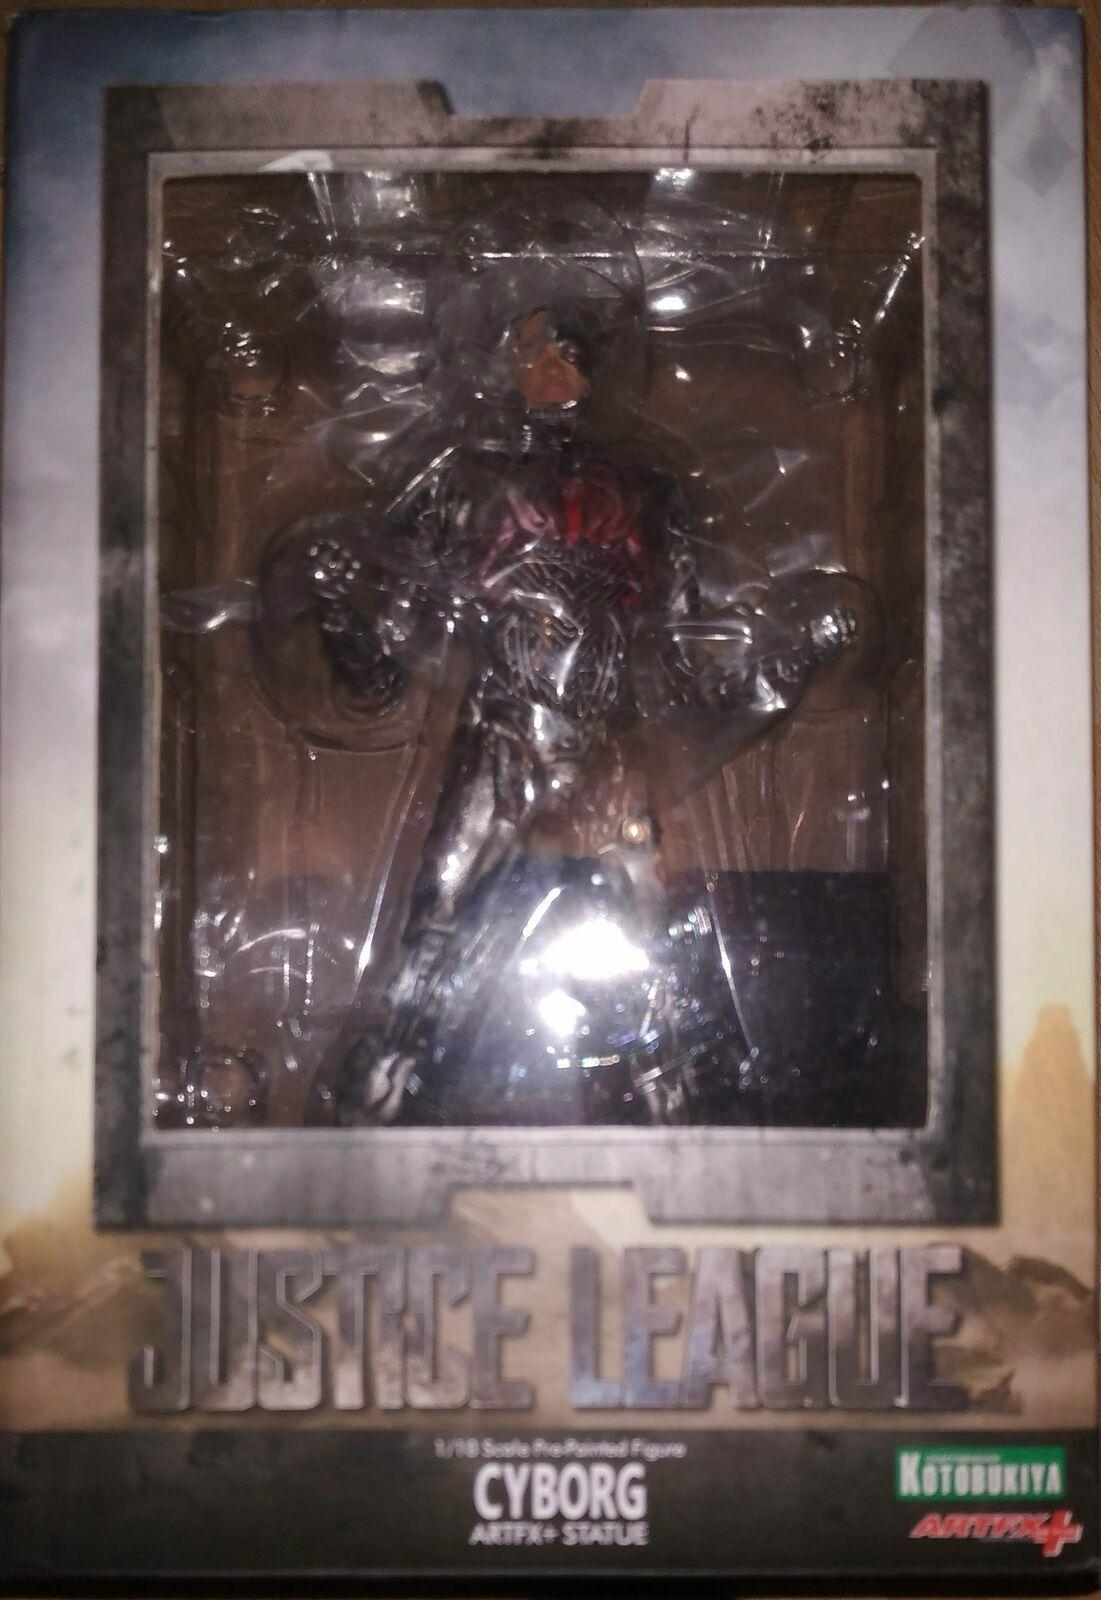 Kotobukiya - Statue Justice League Cyborg ARTFX+ - COMME NEUVE